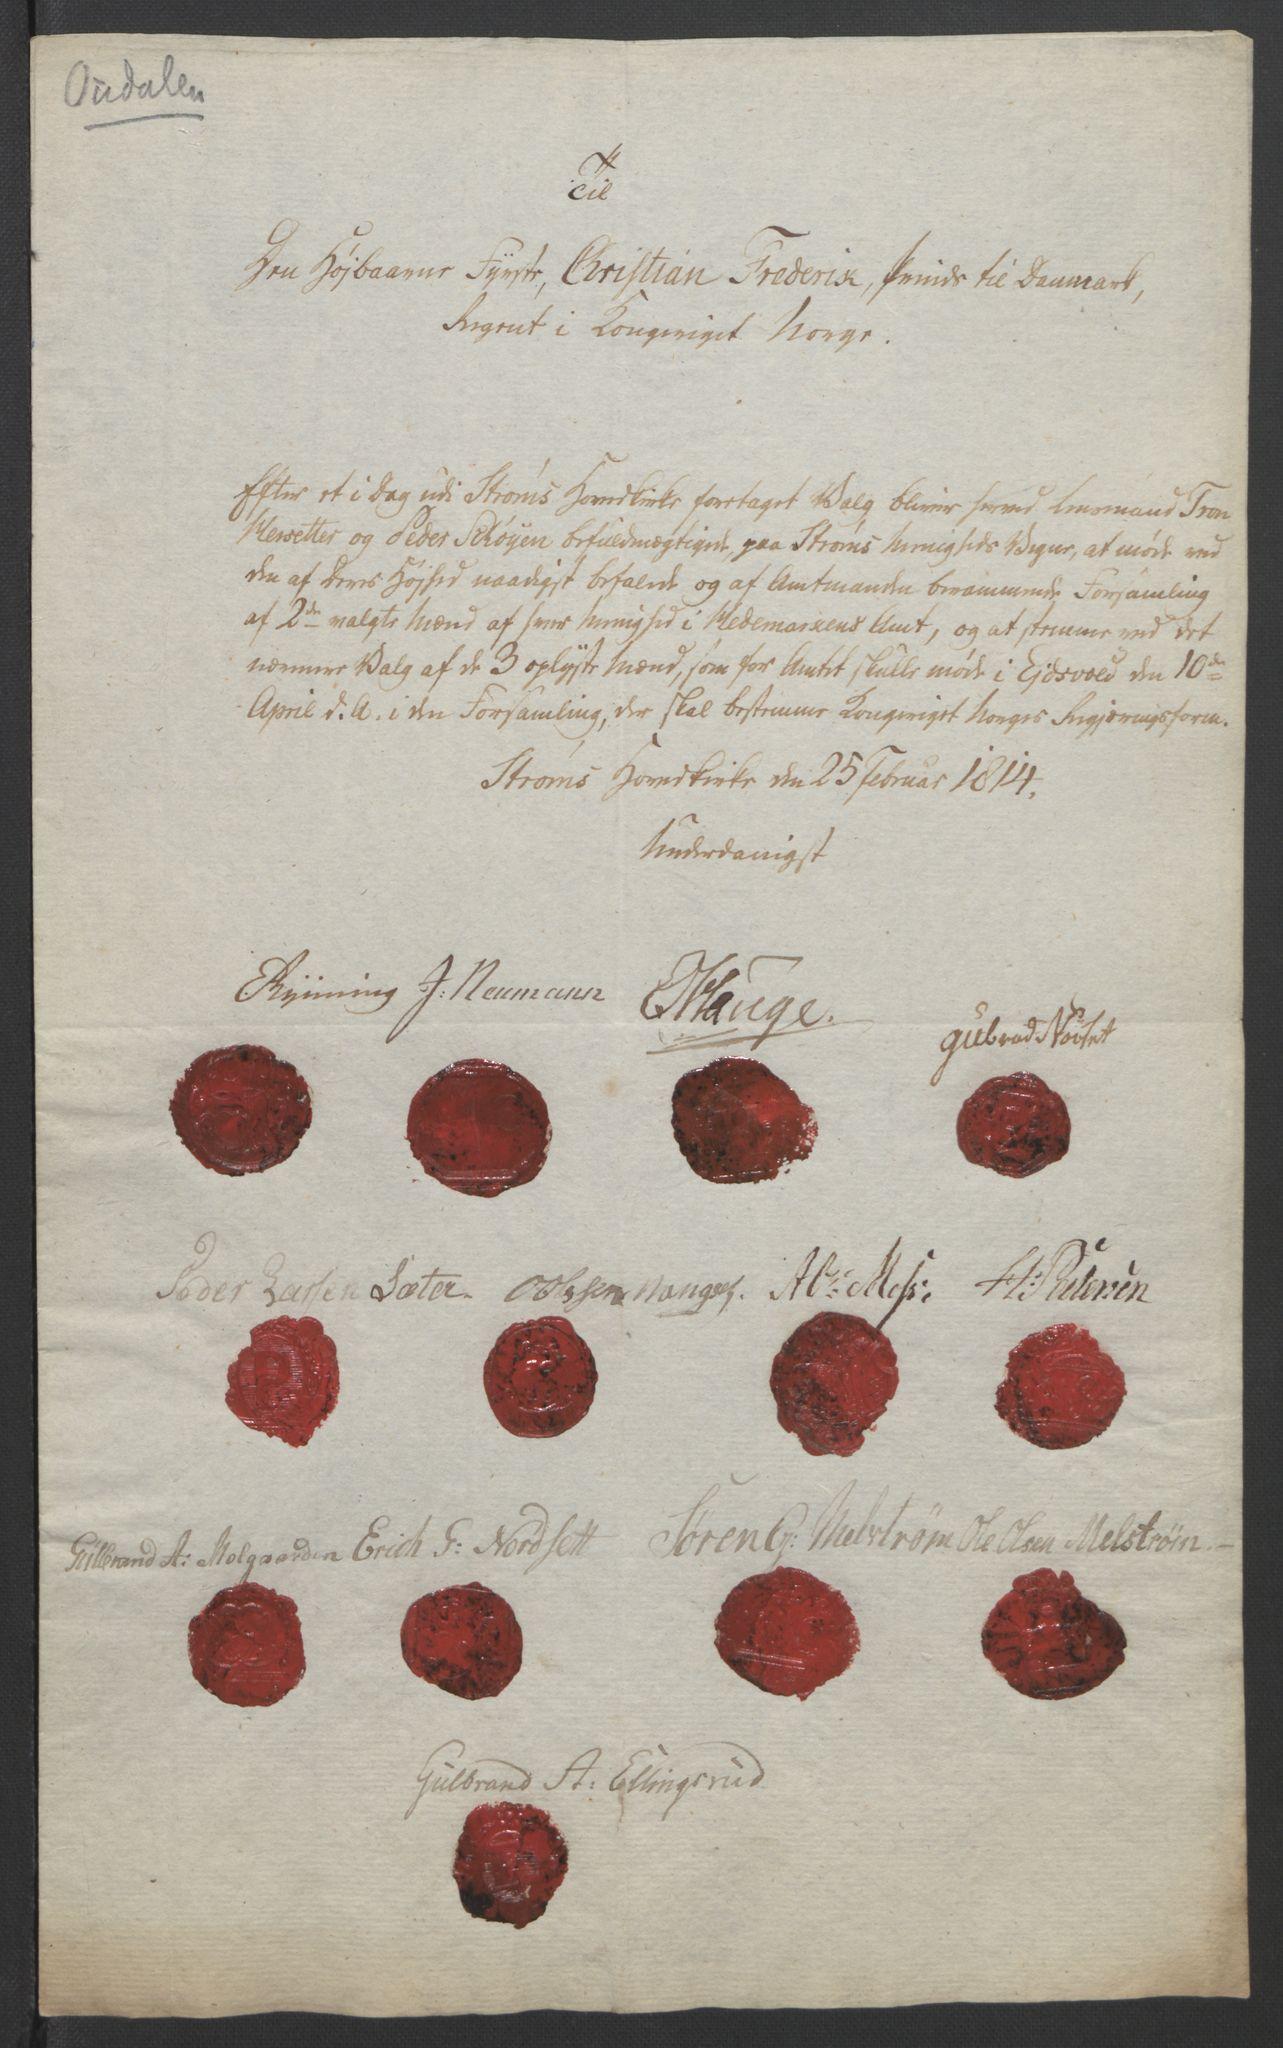 RA, Statsrådssekretariatet, D/Db/L0007: Fullmakter for Eidsvollsrepresentantene i 1814. , 1814, s. 231